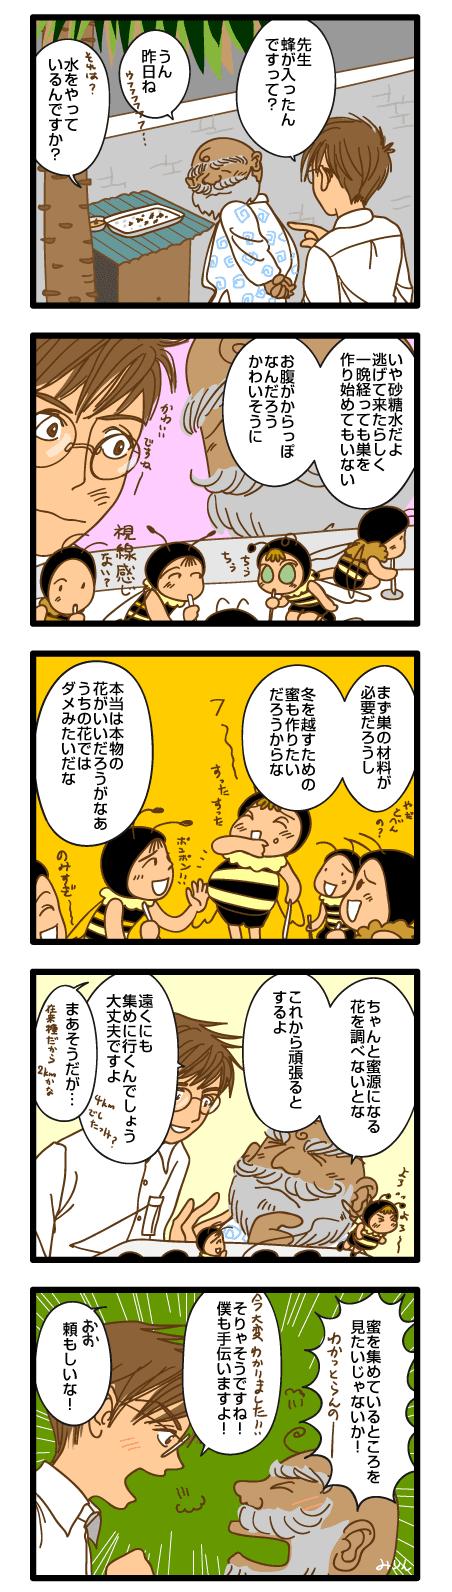 みつばち漫画みつばちさん:131. 新居にて